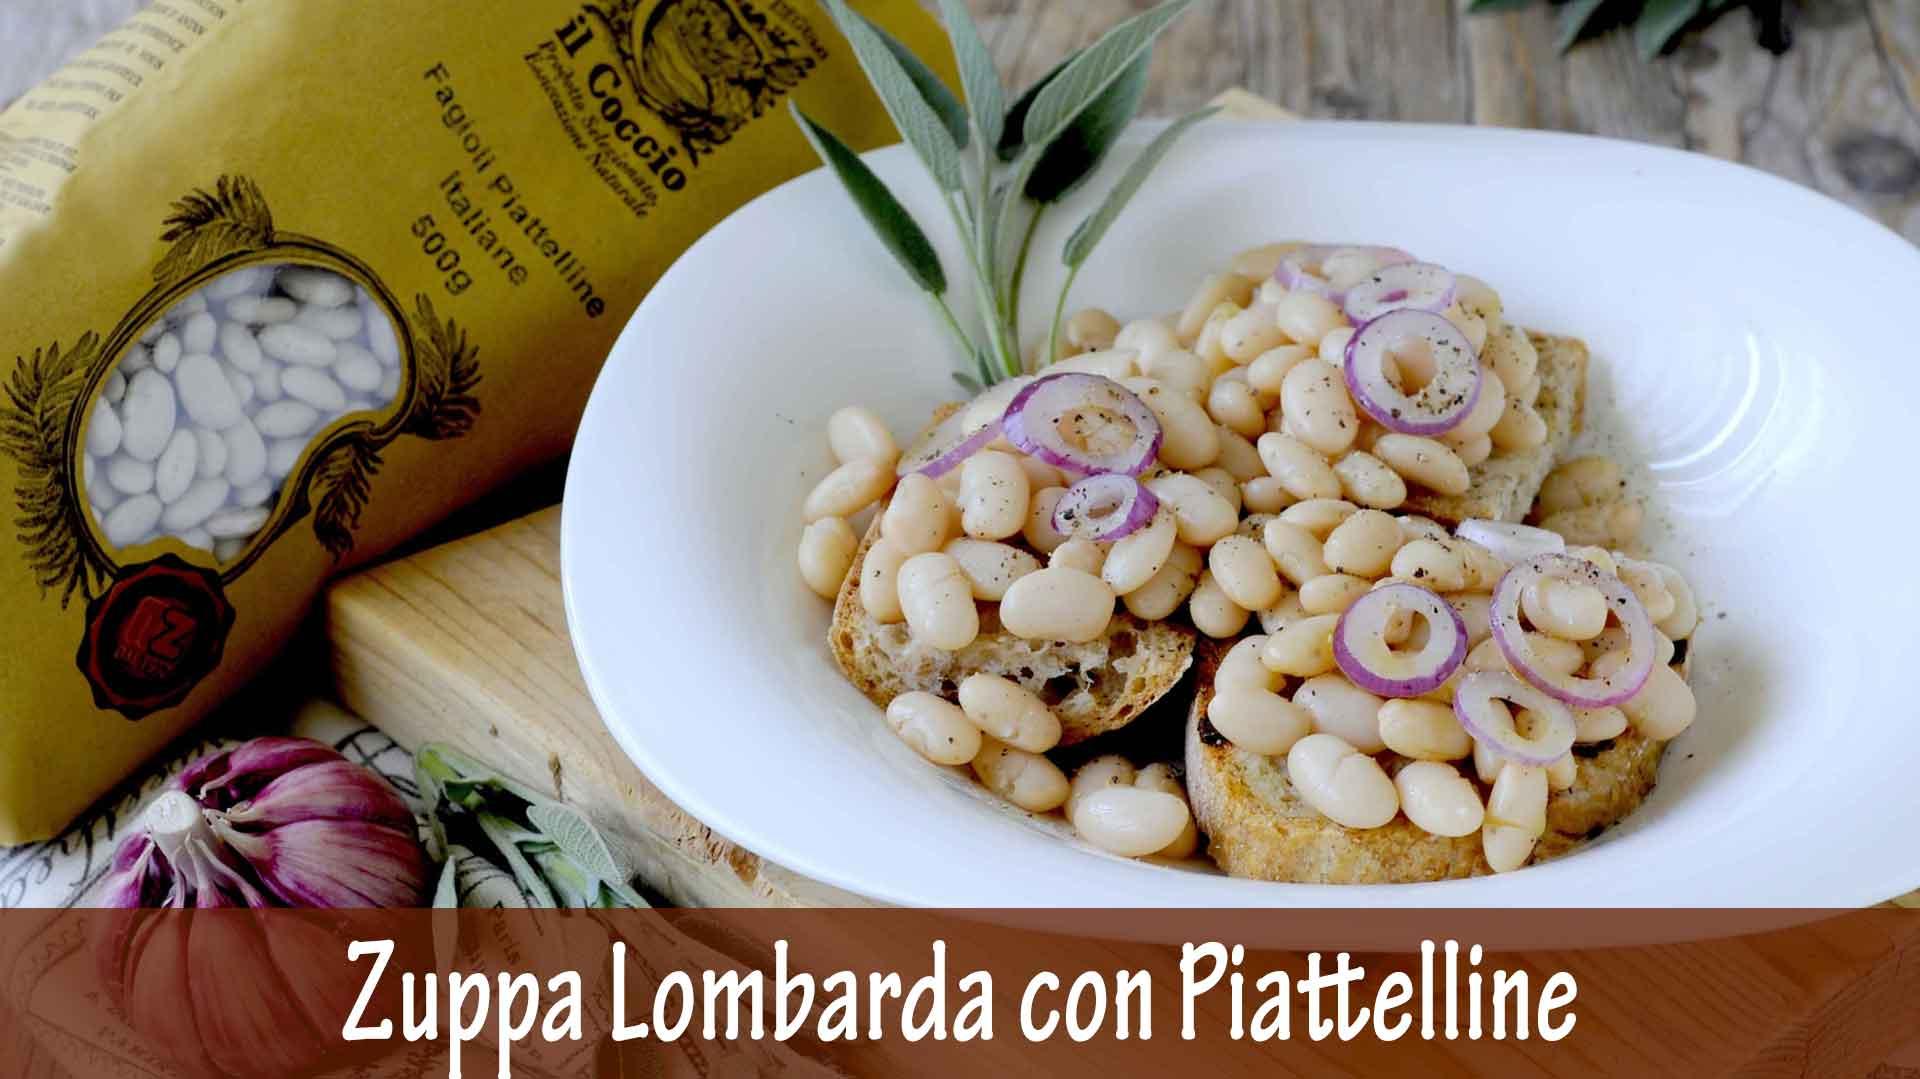 Zuppa Lombarda con Fagioli Piattelini